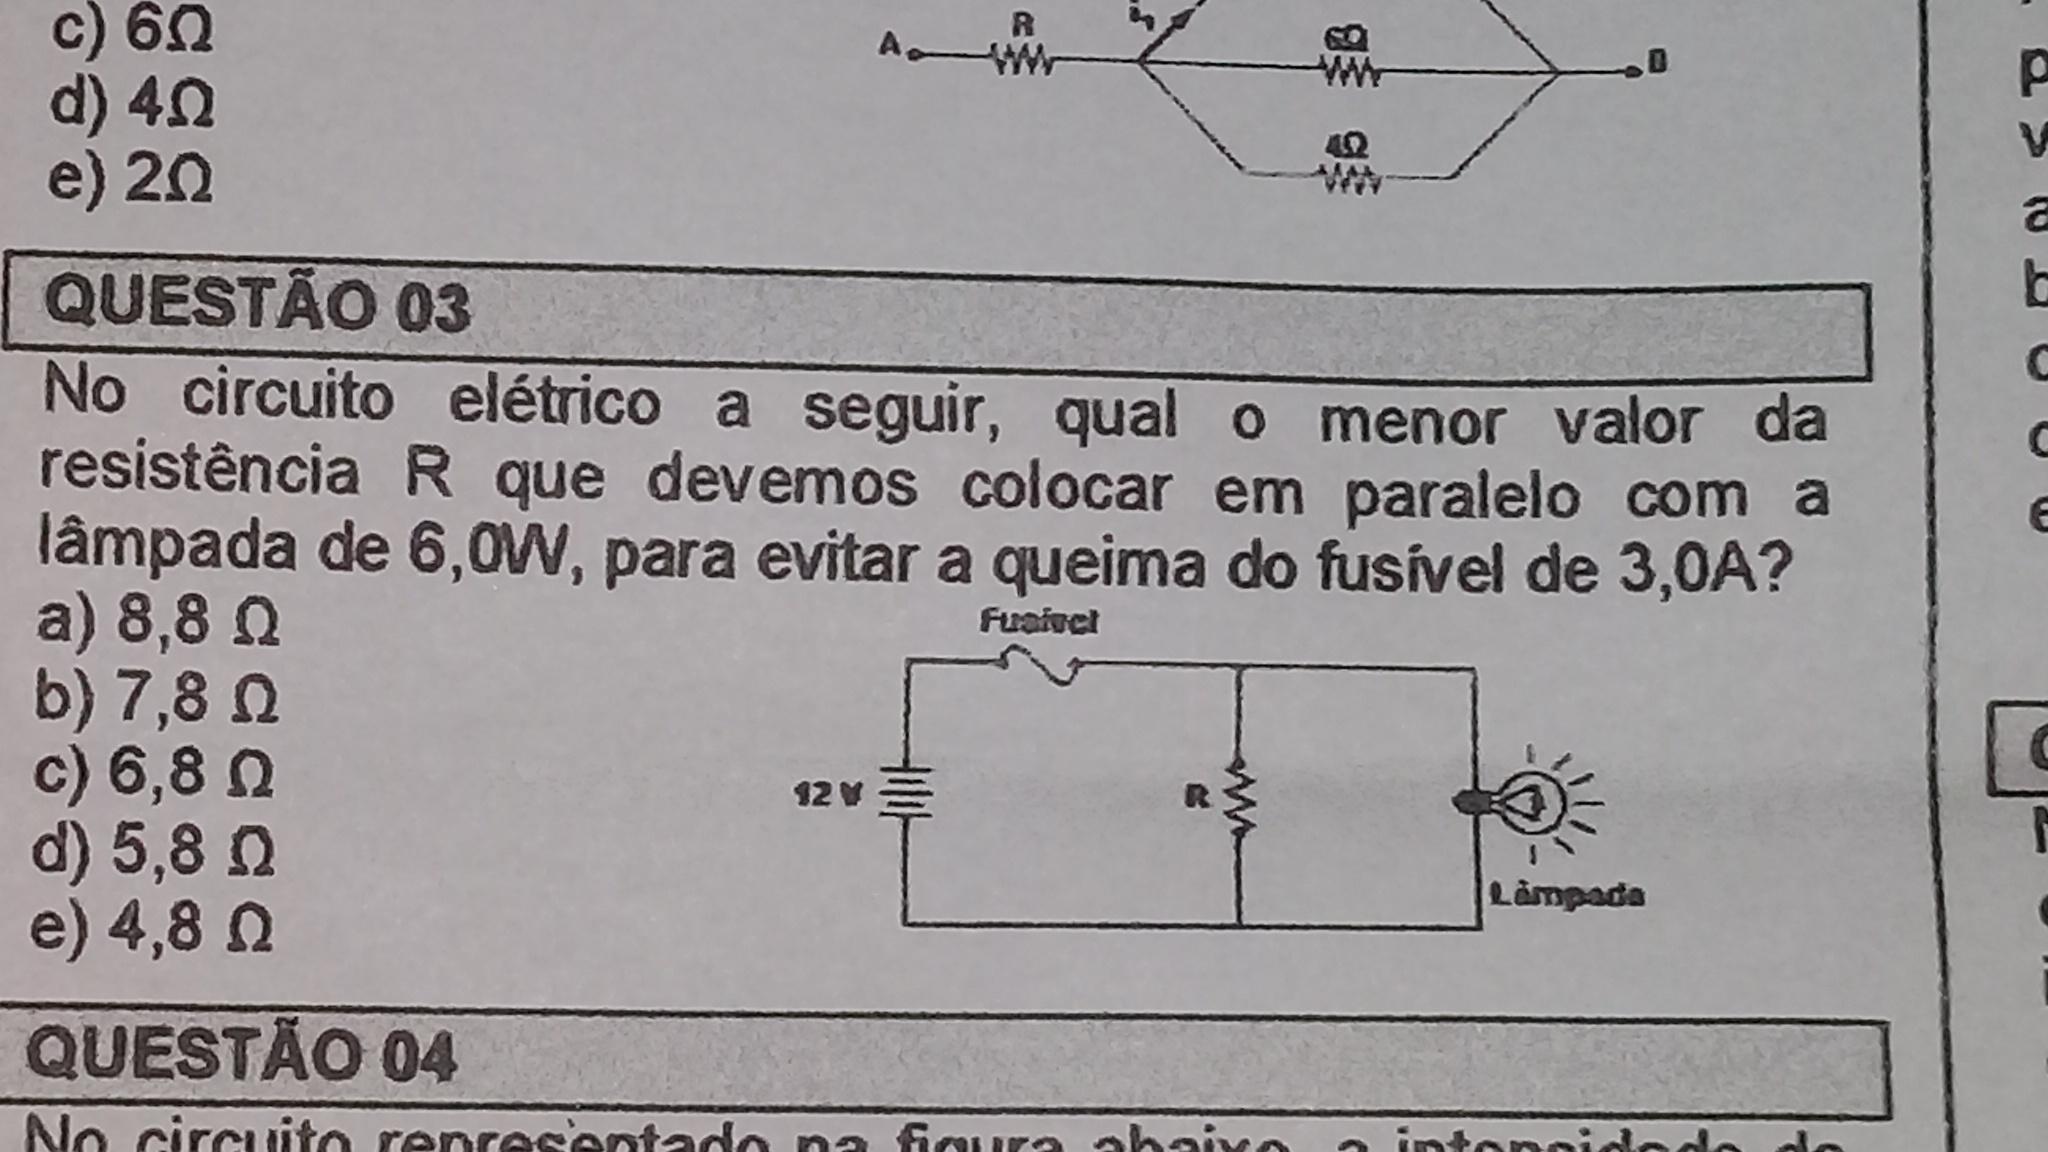 Circuito Eletrico : Na circuito elétrico a seguir qual o menor valor da resistência r